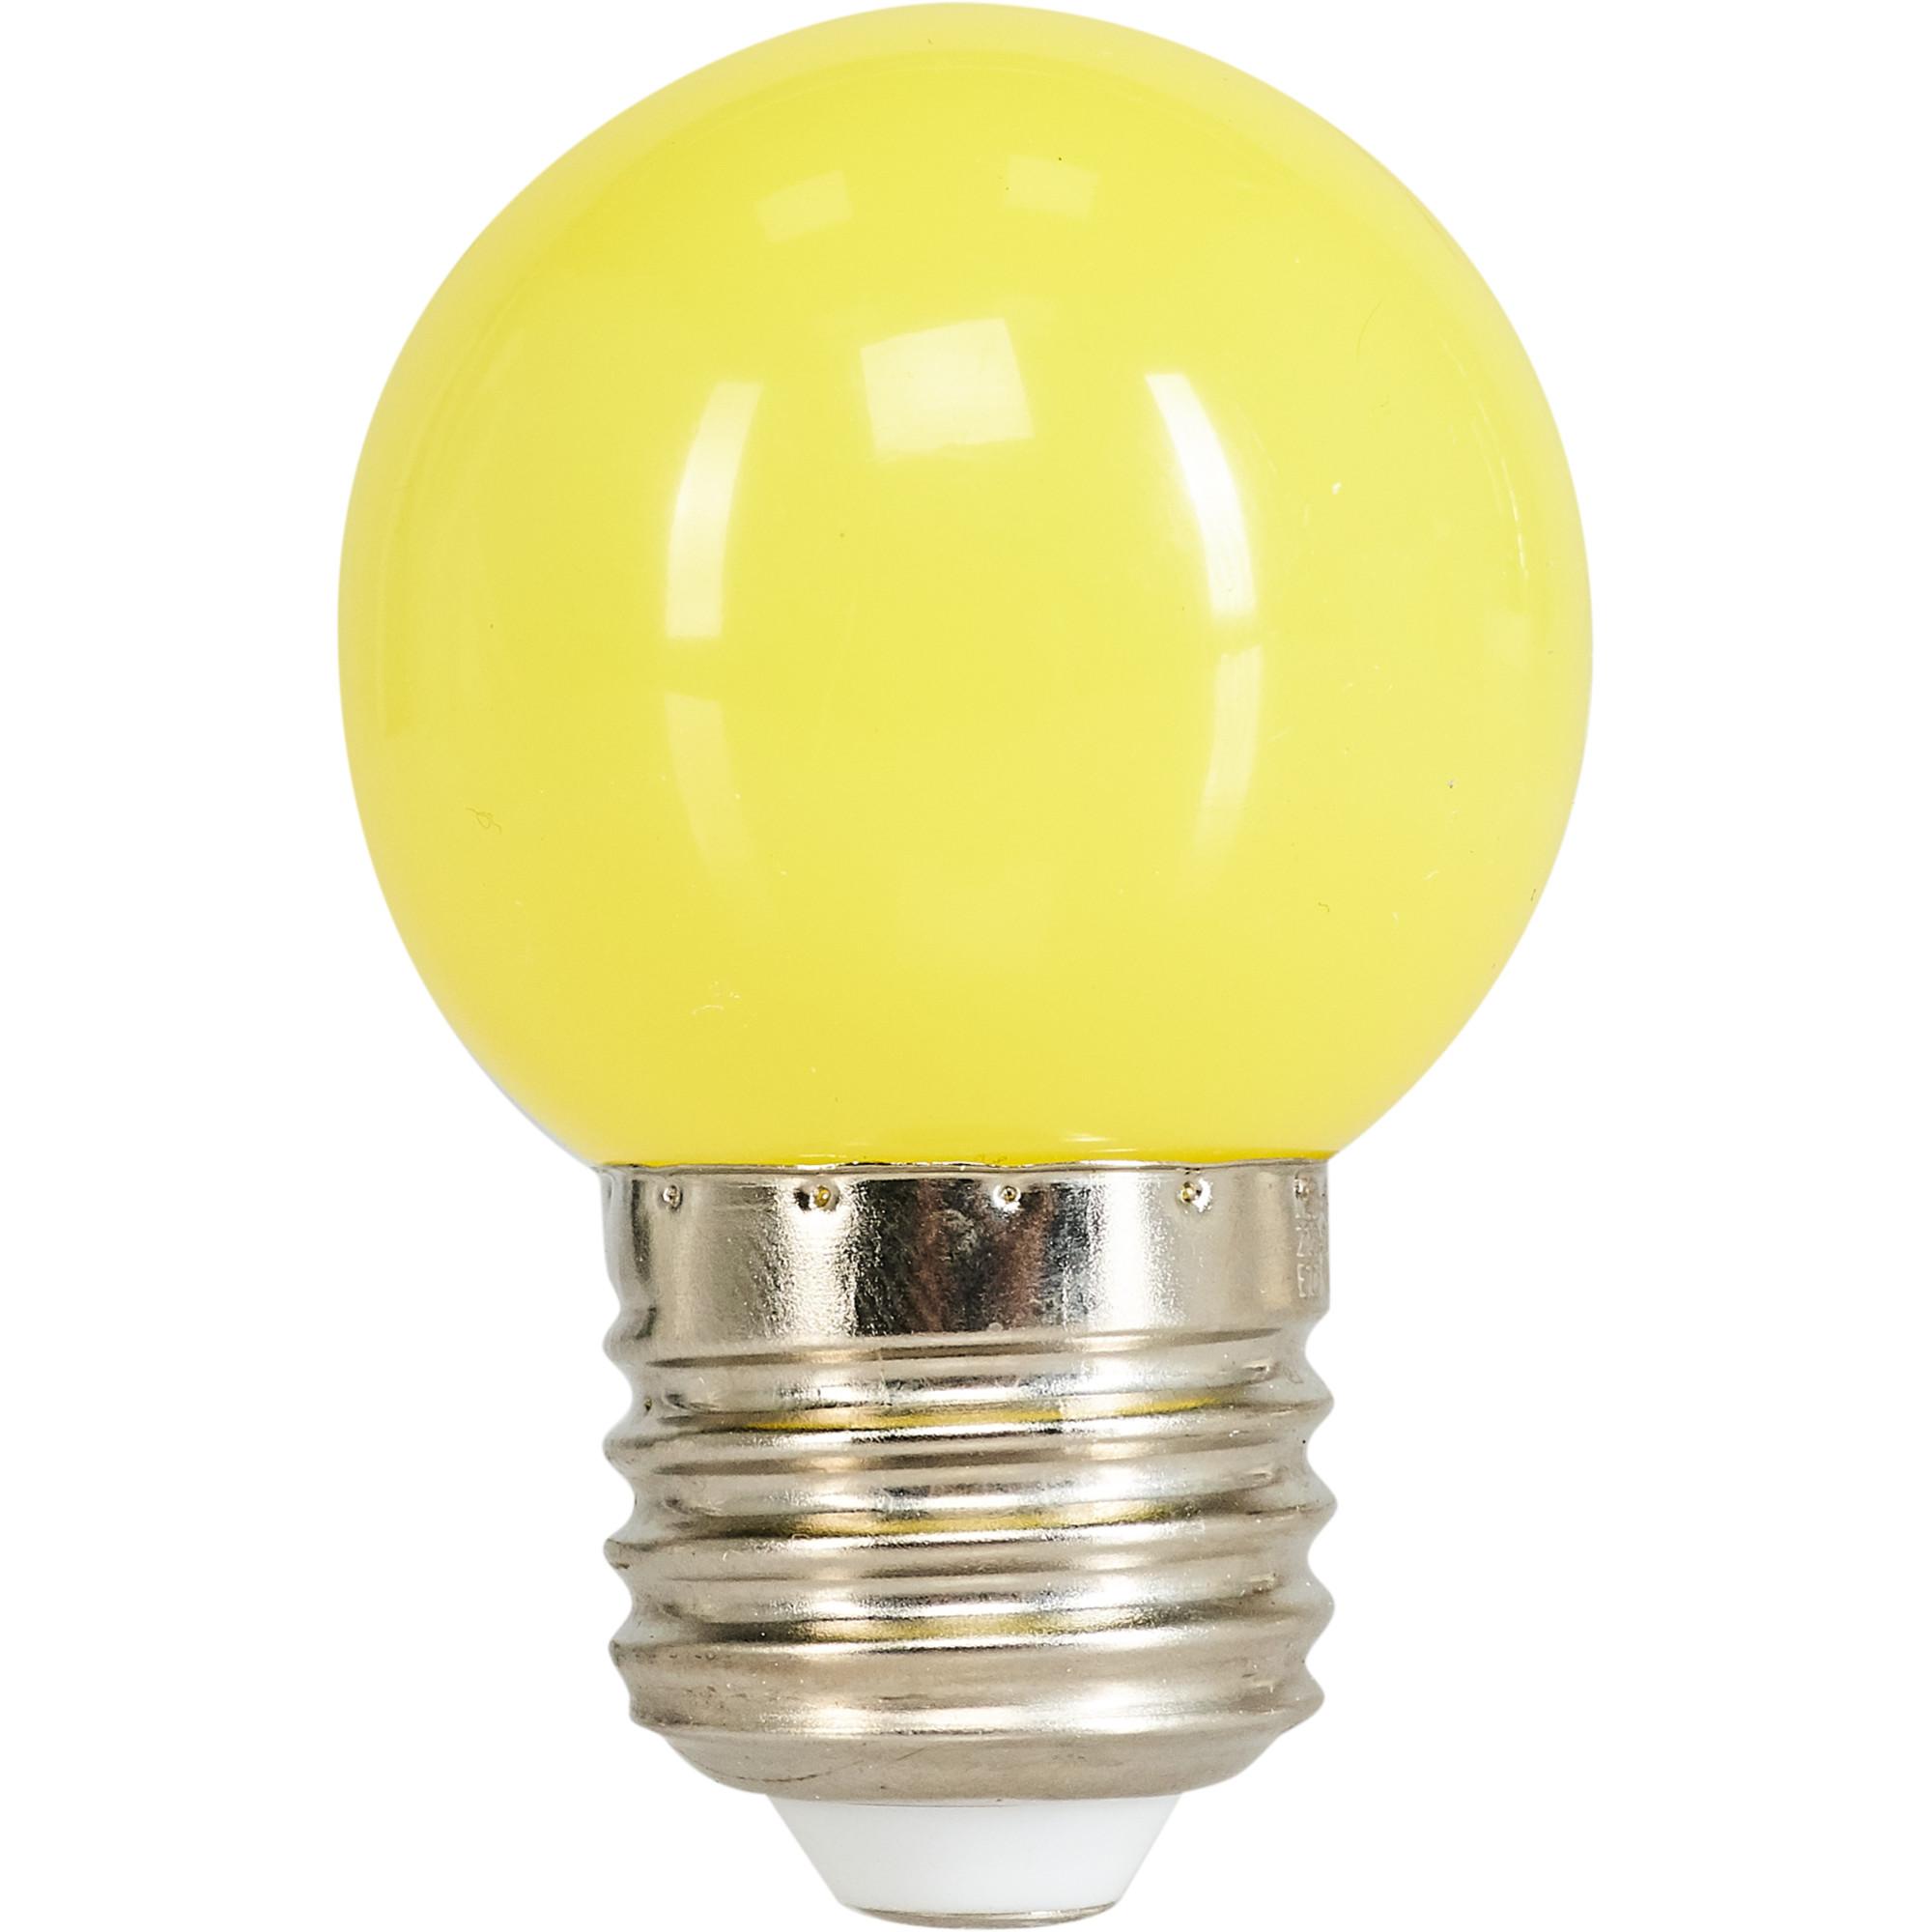 Лампа светодиодная Volpe E27 220 В 1 Вт шар матовый 80 лм жёлтый свет